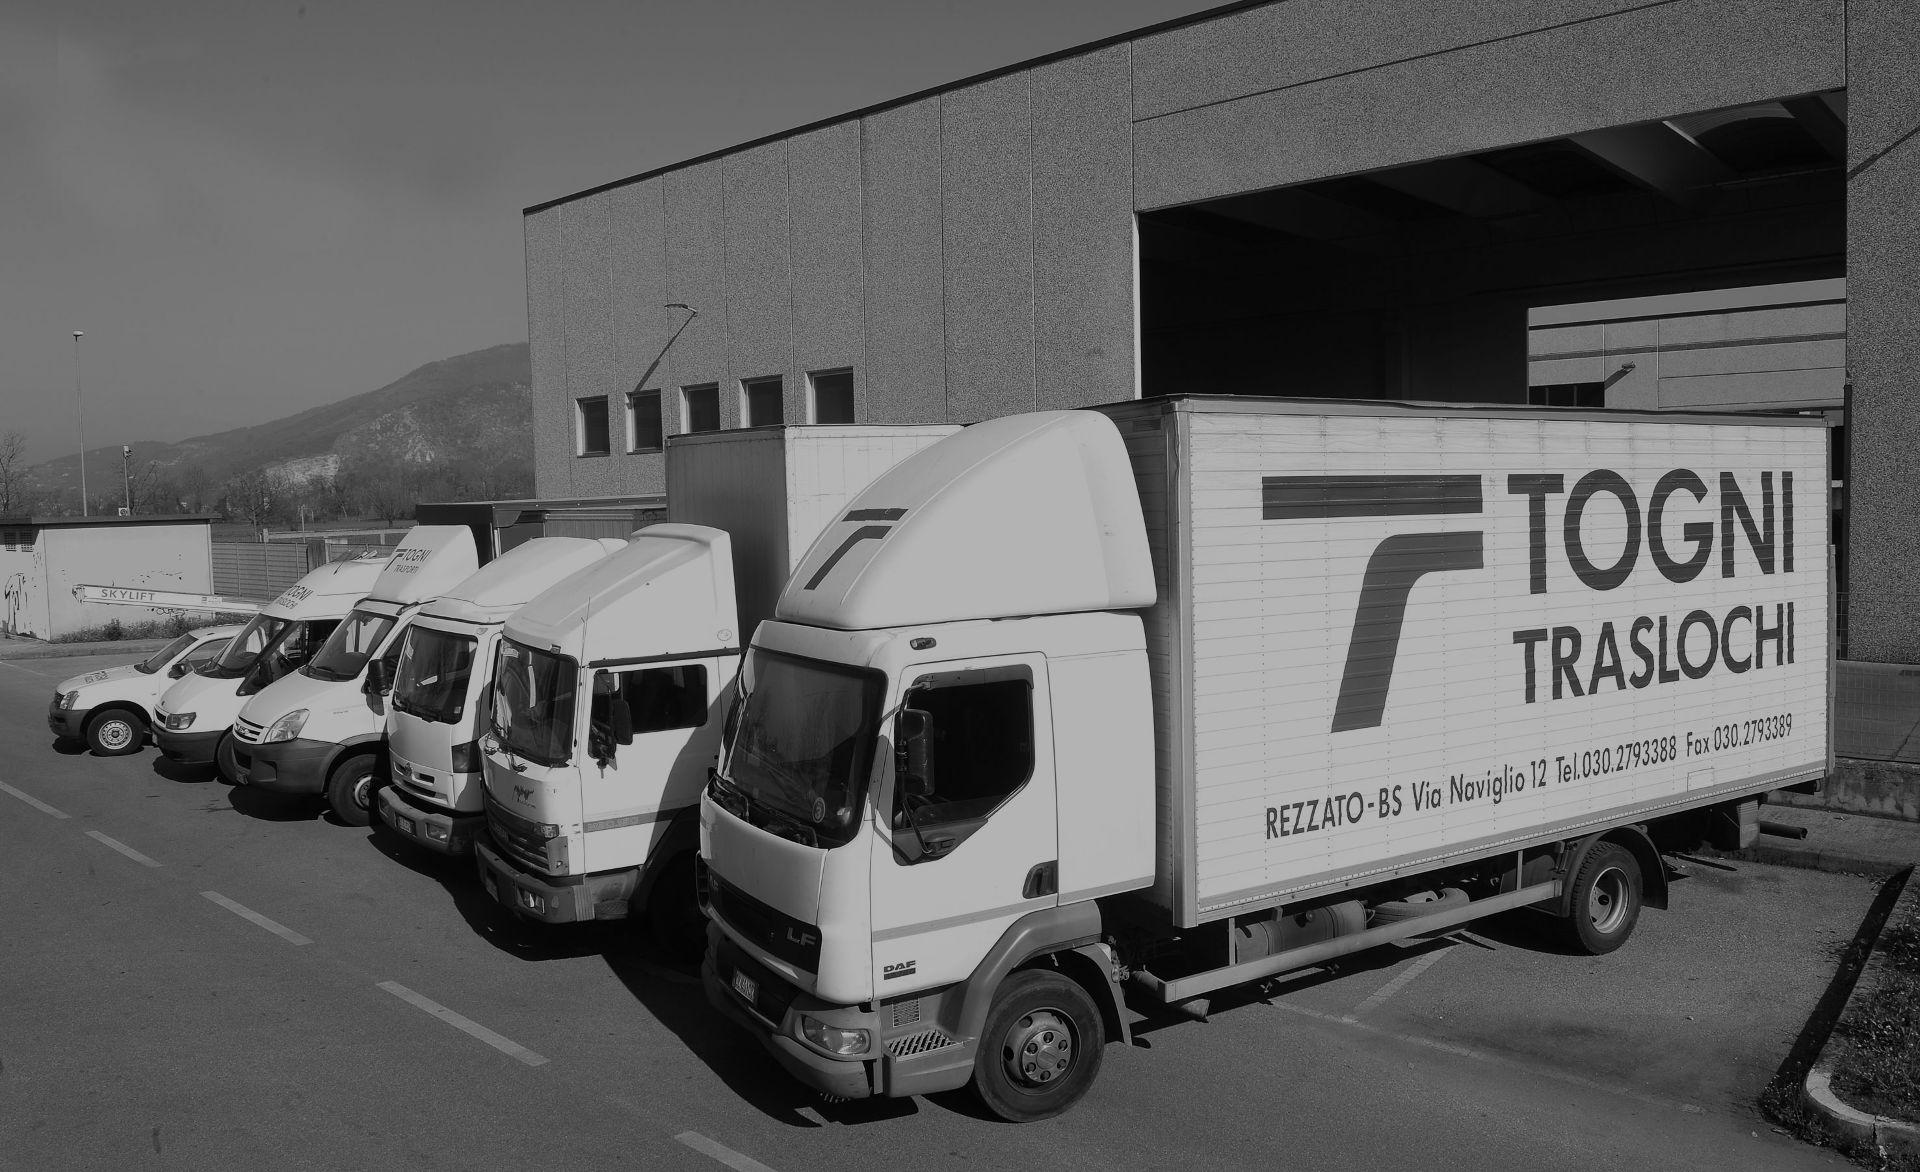 La nostra azienda. Traslochi, trasporti, bus